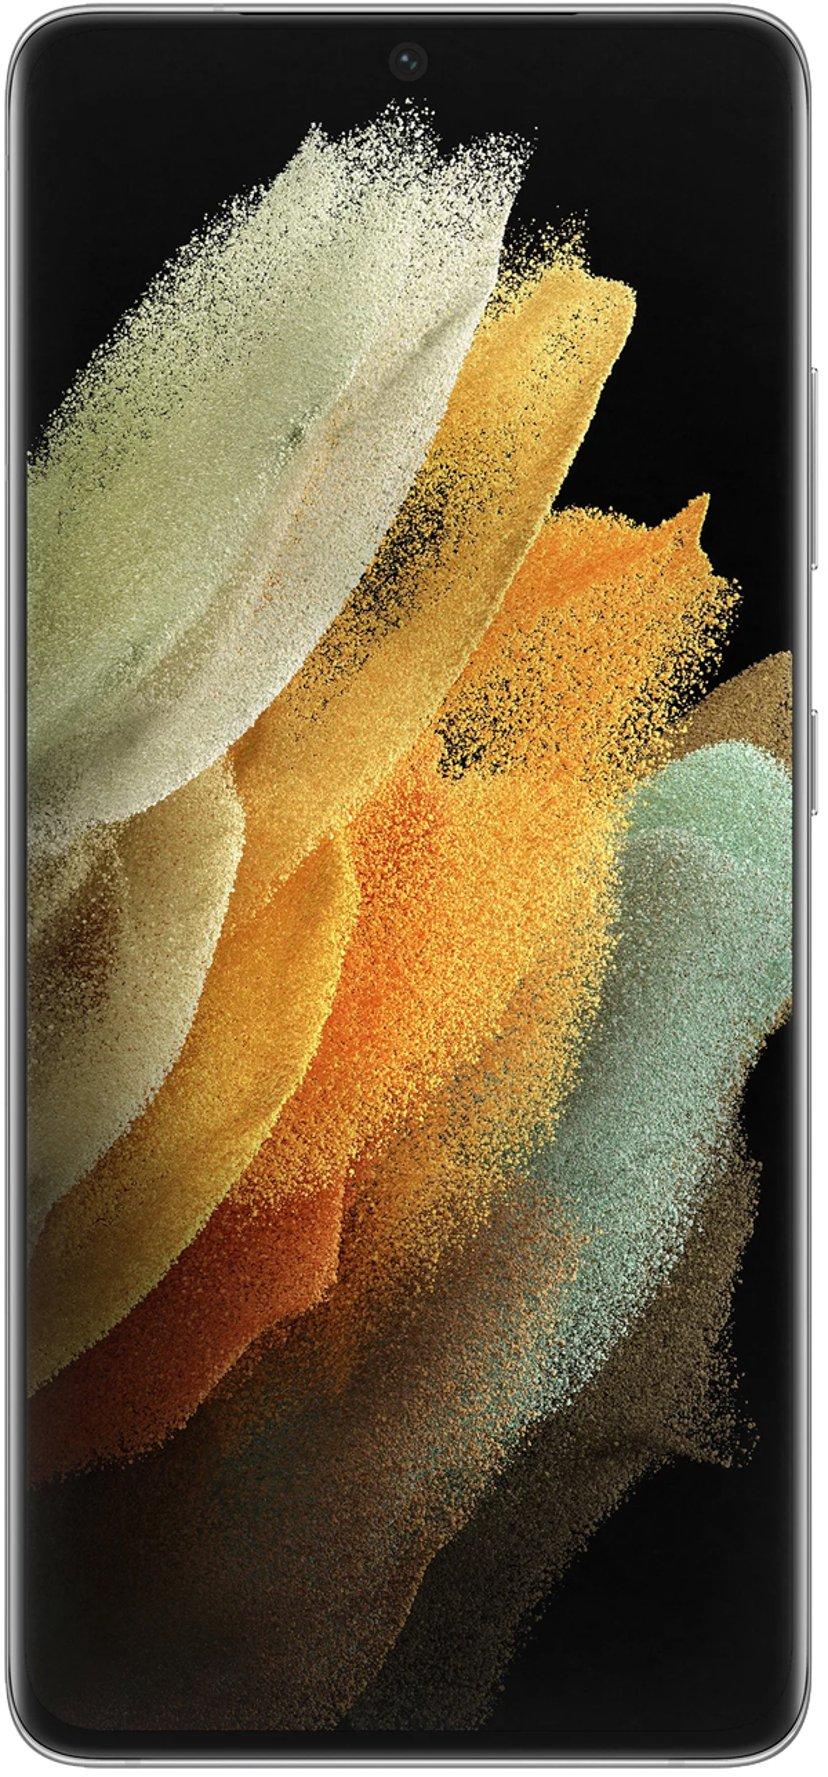 Samsung Galaxy S21 Ultra 5G 128GB Dual-SIM Fantomsilver